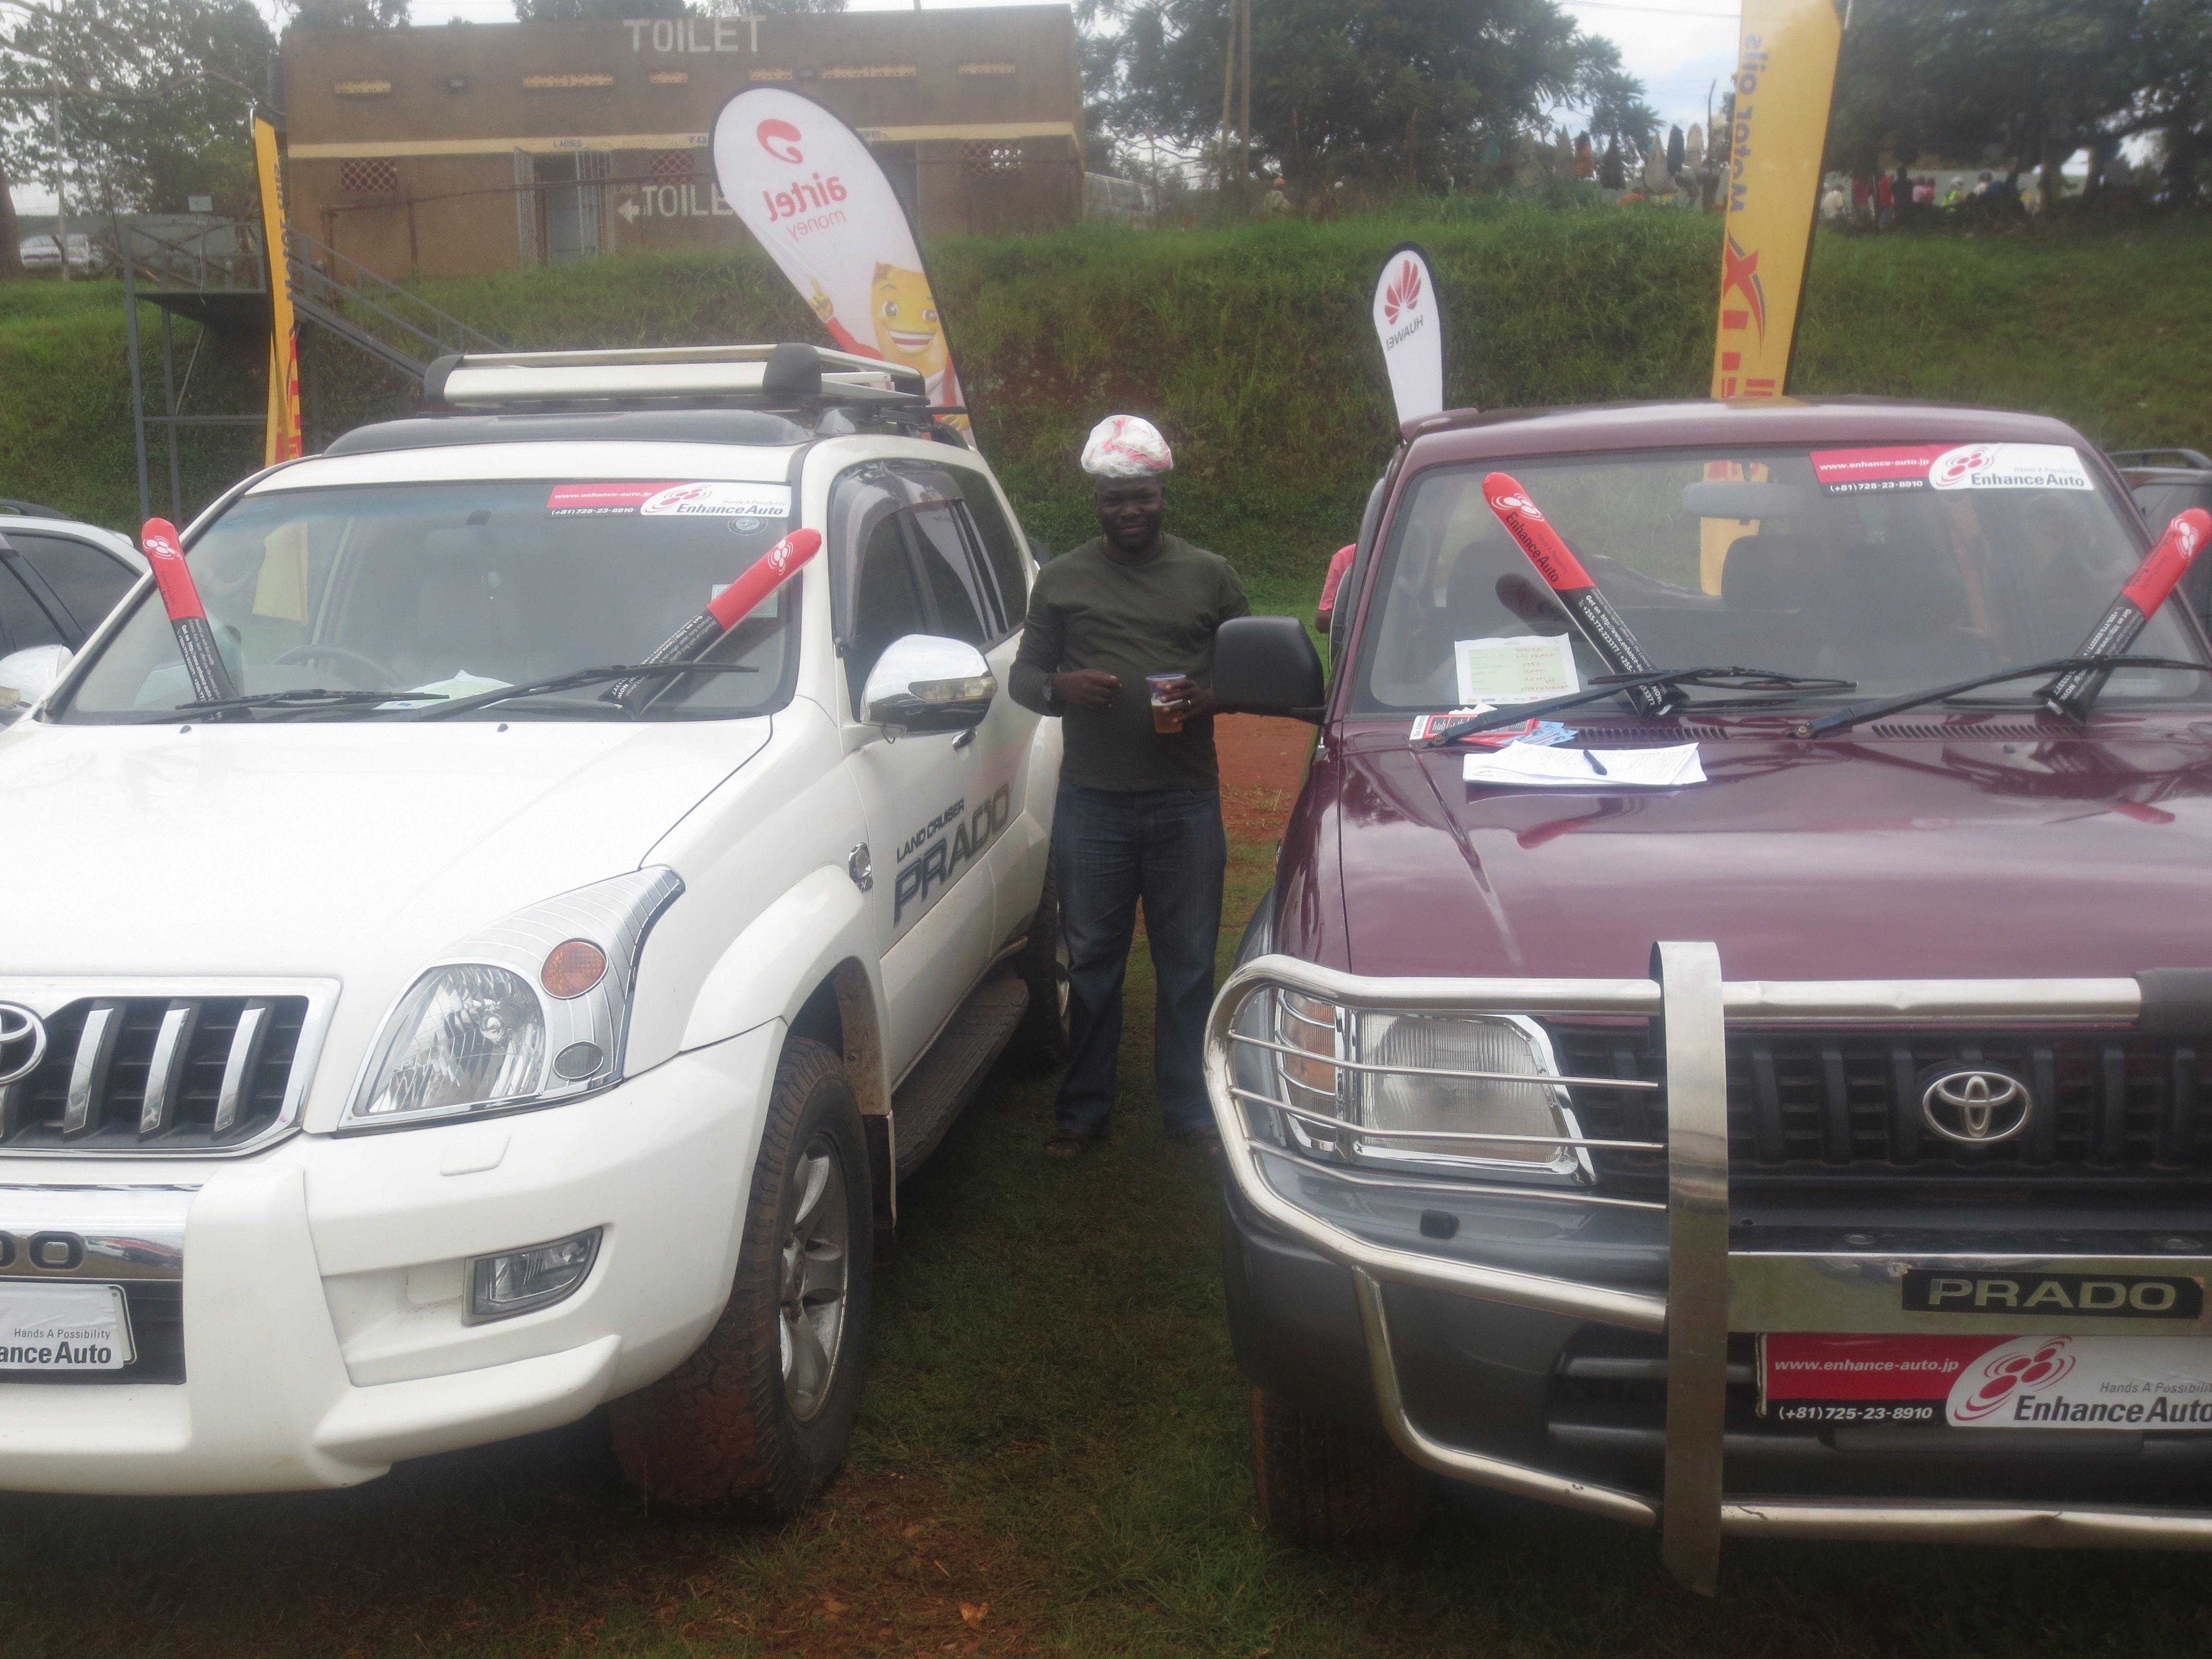 Enhance Auto Uganda Japanese cars, Car buying guide